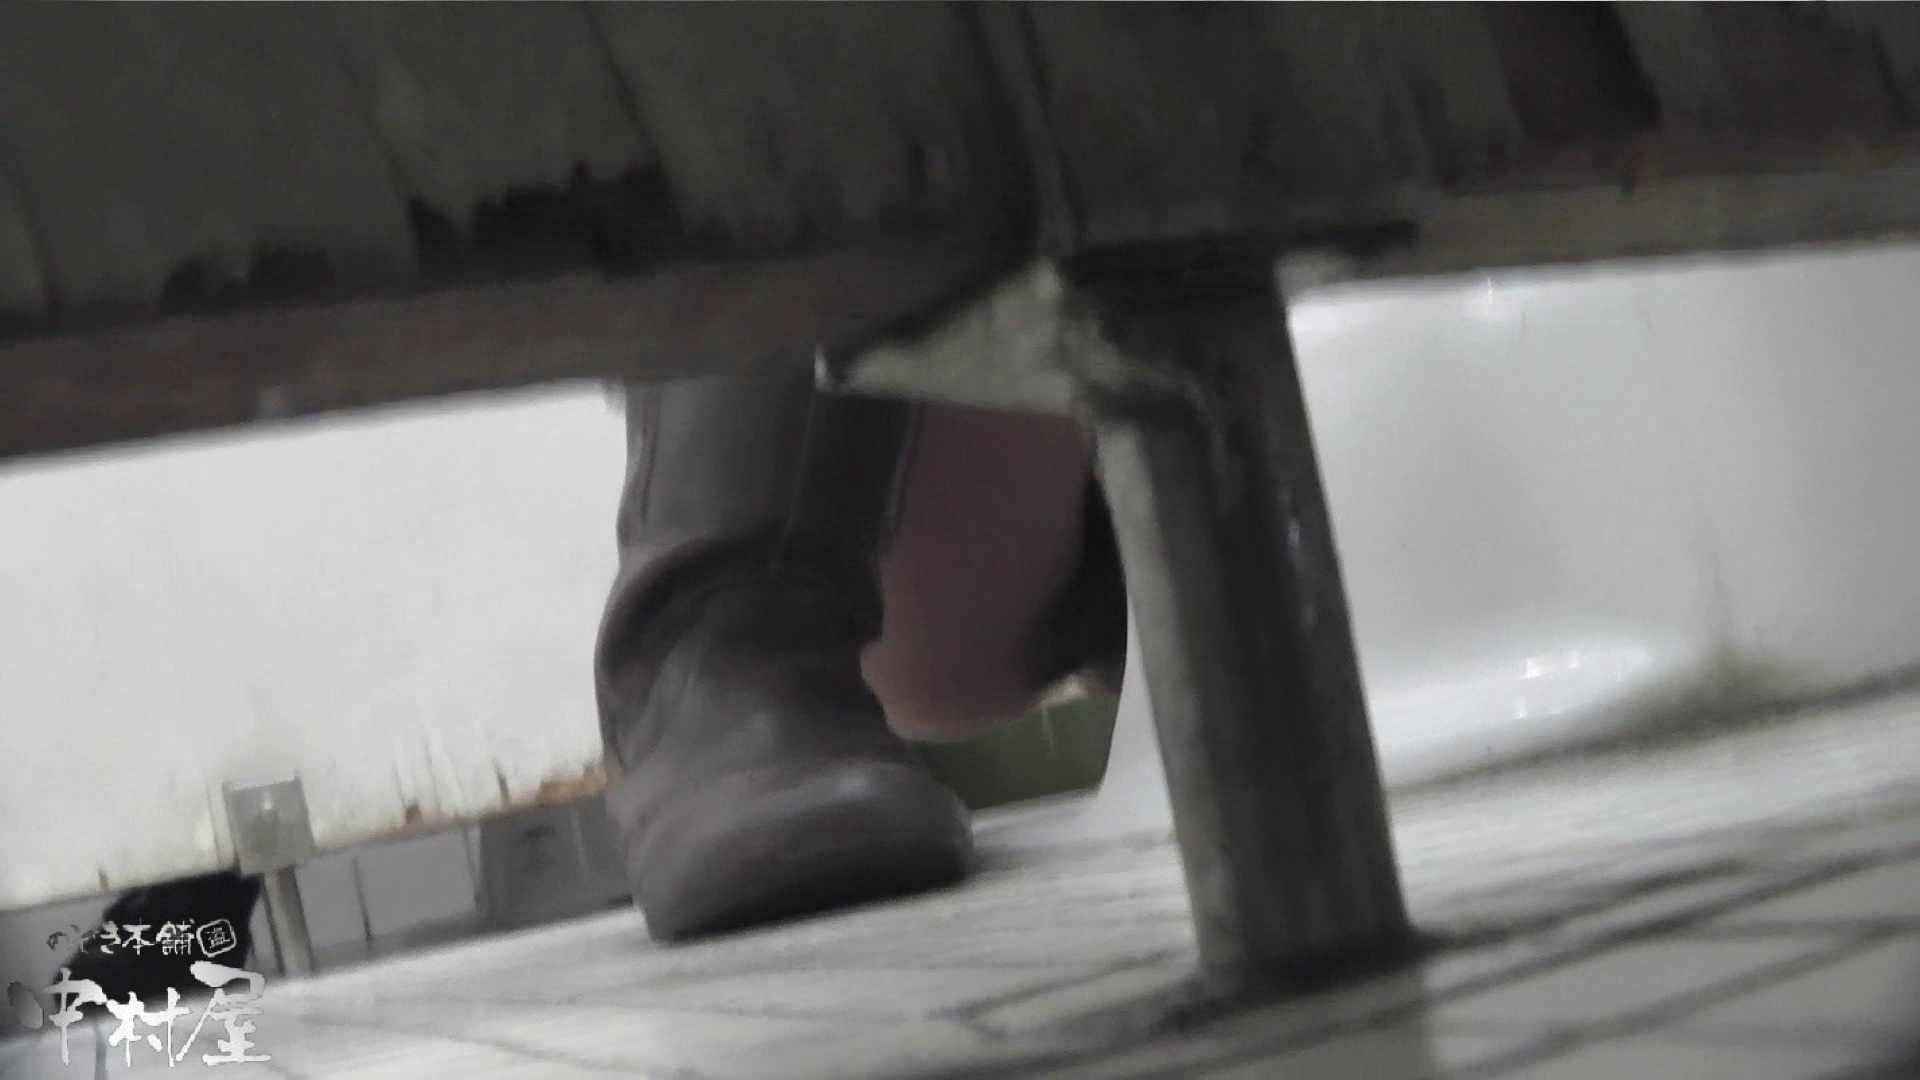 vol.14 命がけ潜伏洗面所! 色白ネーチャンヒクヒク! プライベート オマンコ動画キャプチャ 75pic 19